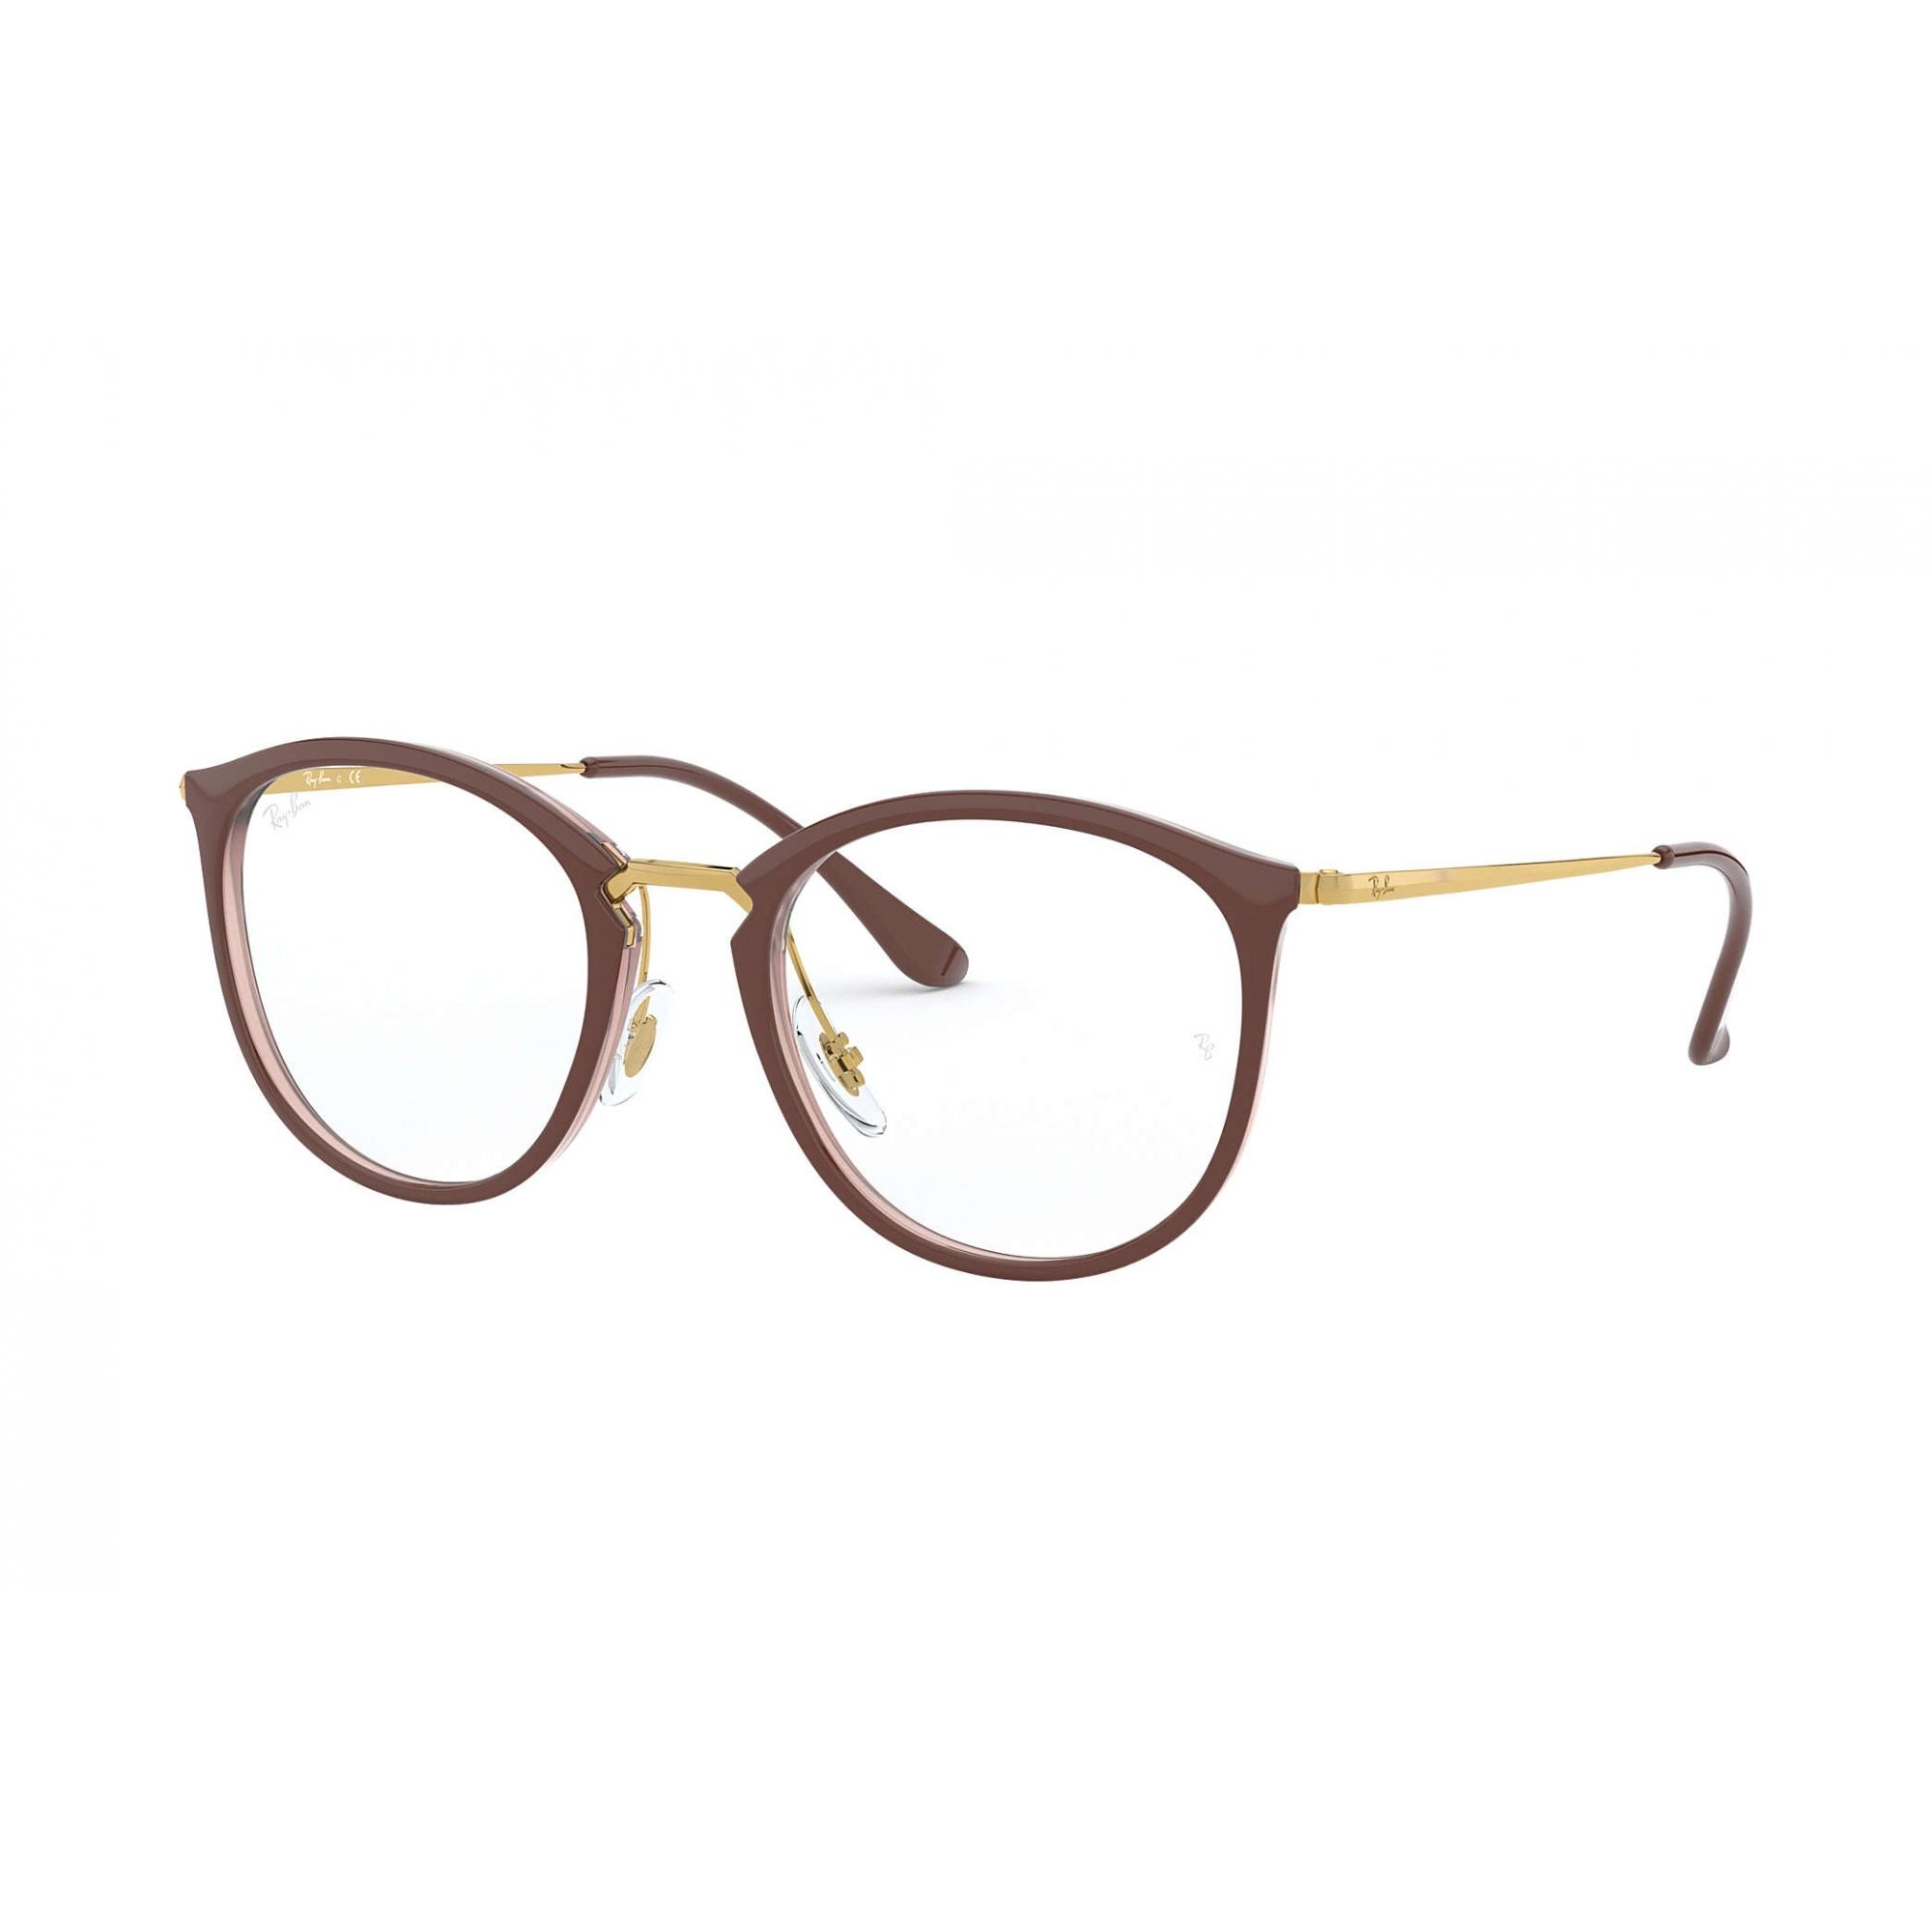 Óculos de Grau Ray-Ban Marrom/Dourado RB7140 - 5971/51